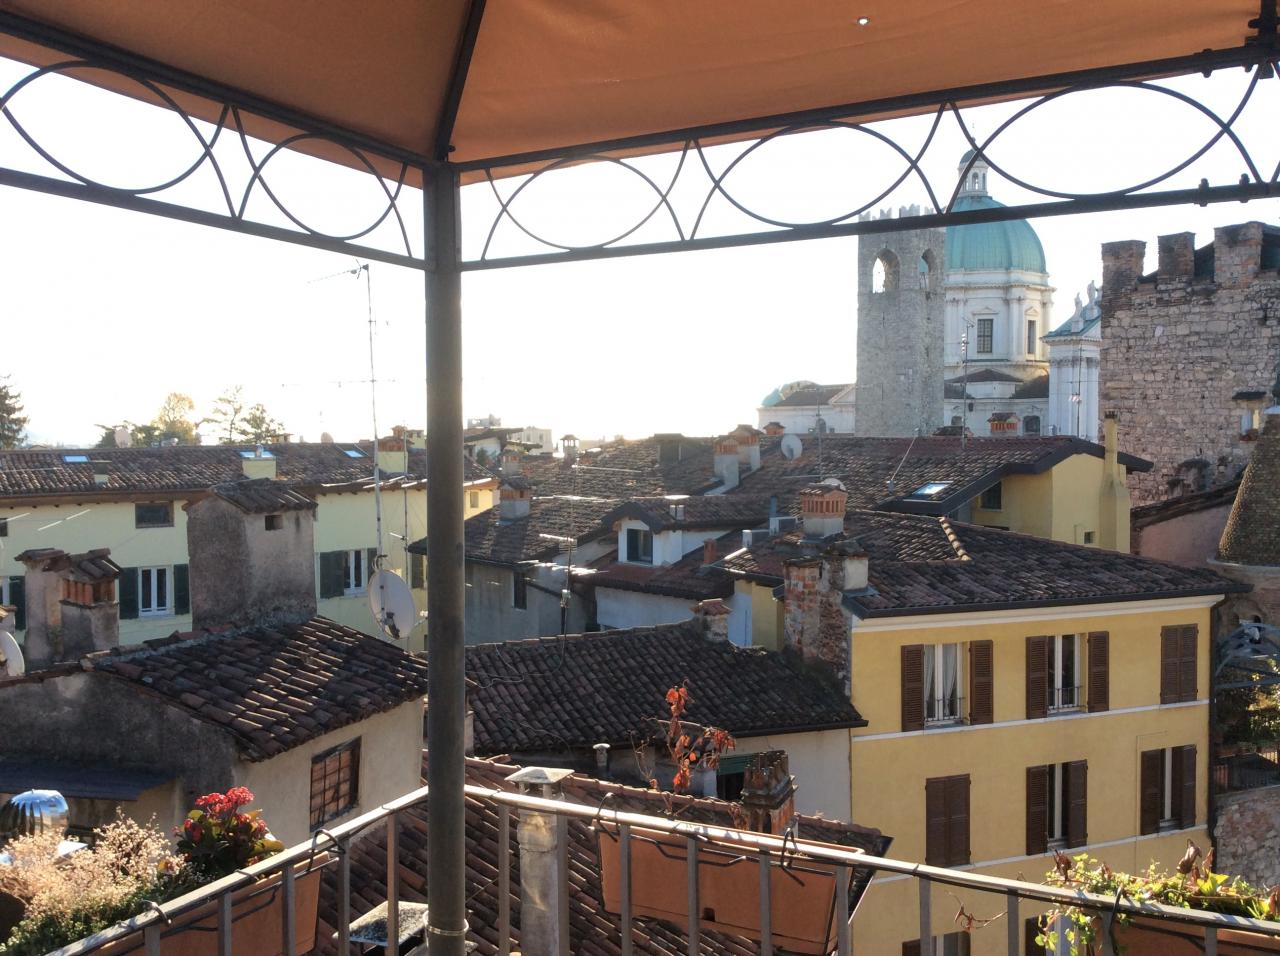 Attico / Mansarda in vendita a Brescia, 5 locali, zona Località: 1-CENTROSTORICO, prezzo € 830.000 | CambioCasa.it